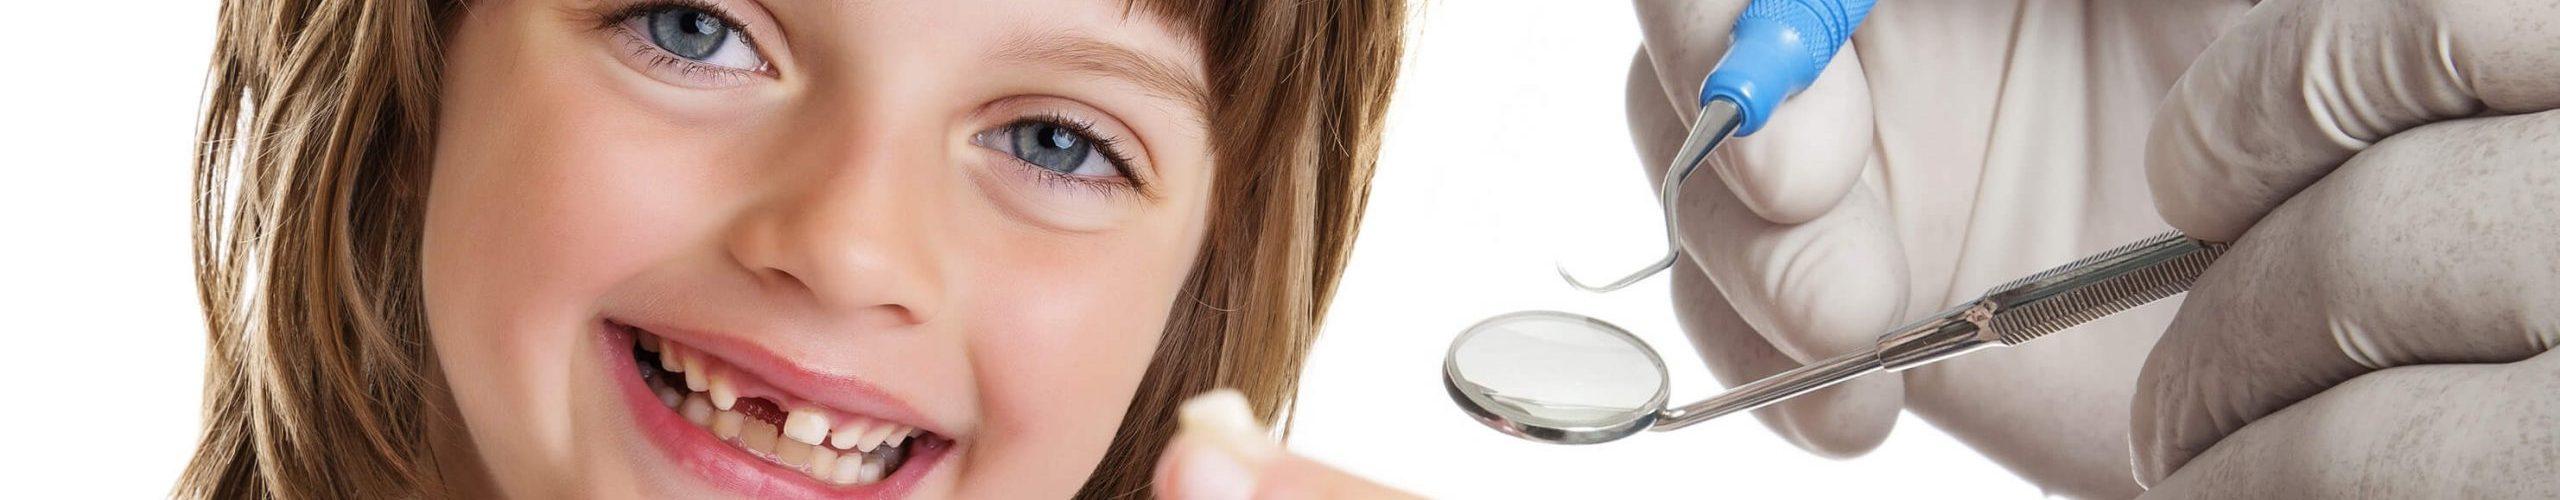 خلع الاسنان اللبنية المسوسة